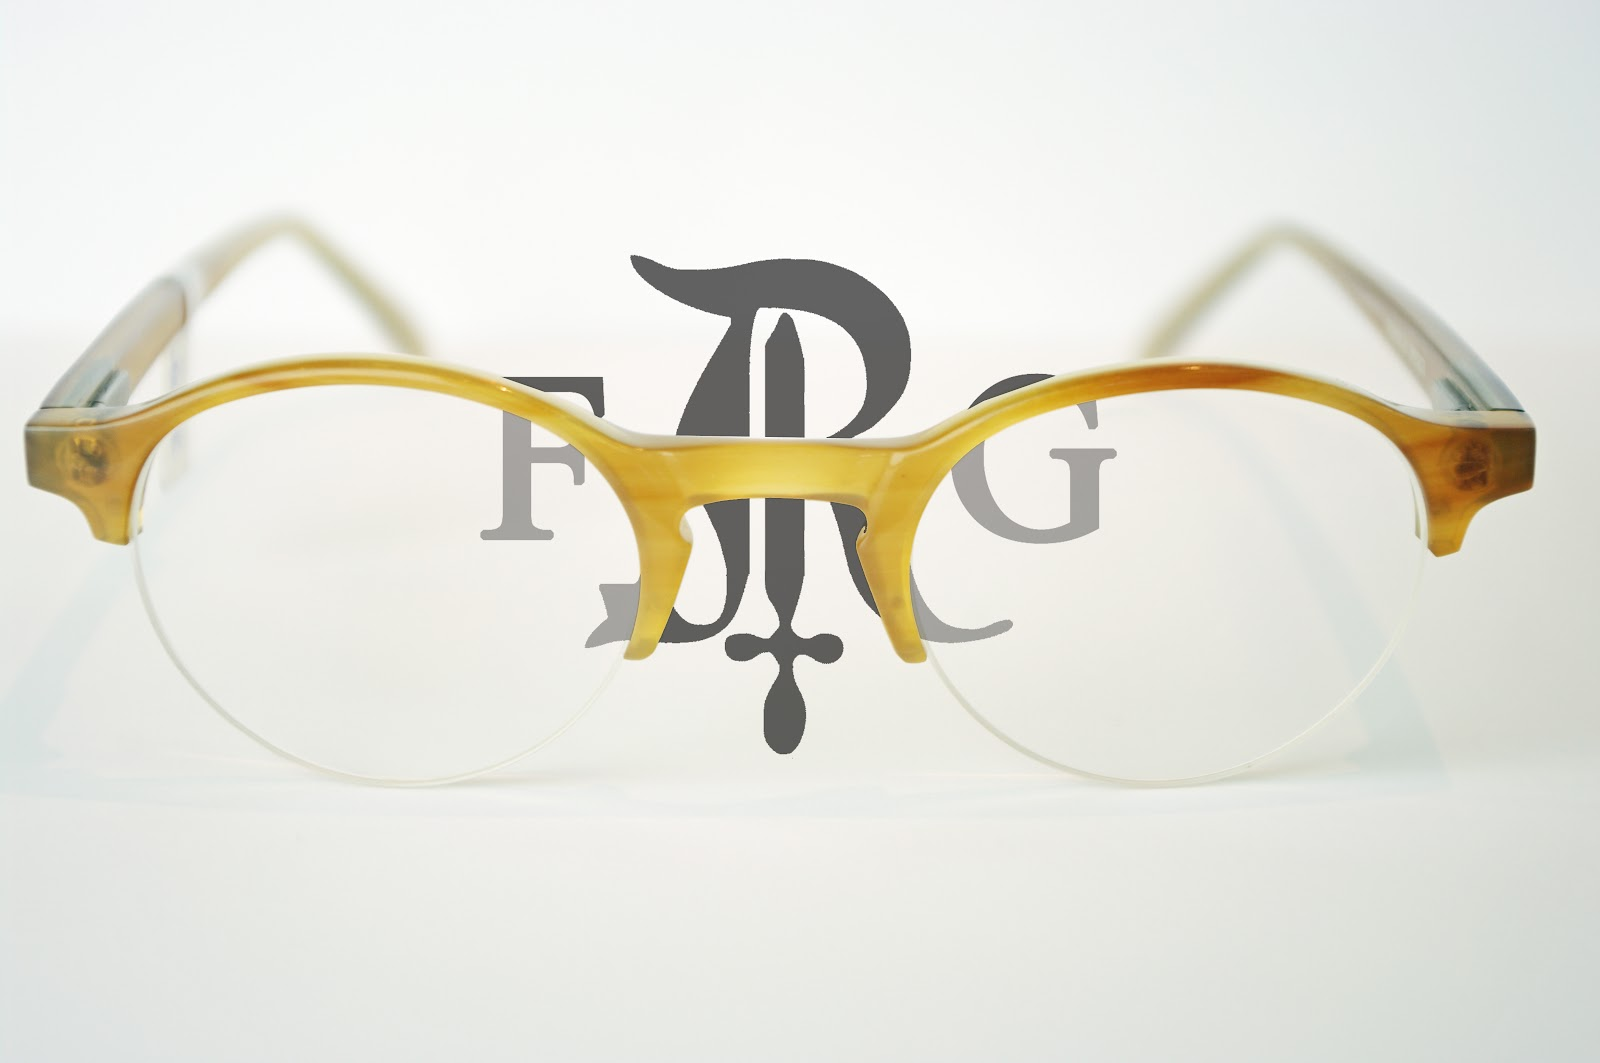 Offrez-vous le plaisir et le confort de ces lunettes aux matières nobles et  légères. Découvrez des possibilités infinies pour réaliser des lunettes sur  ... d37765a0c4a1